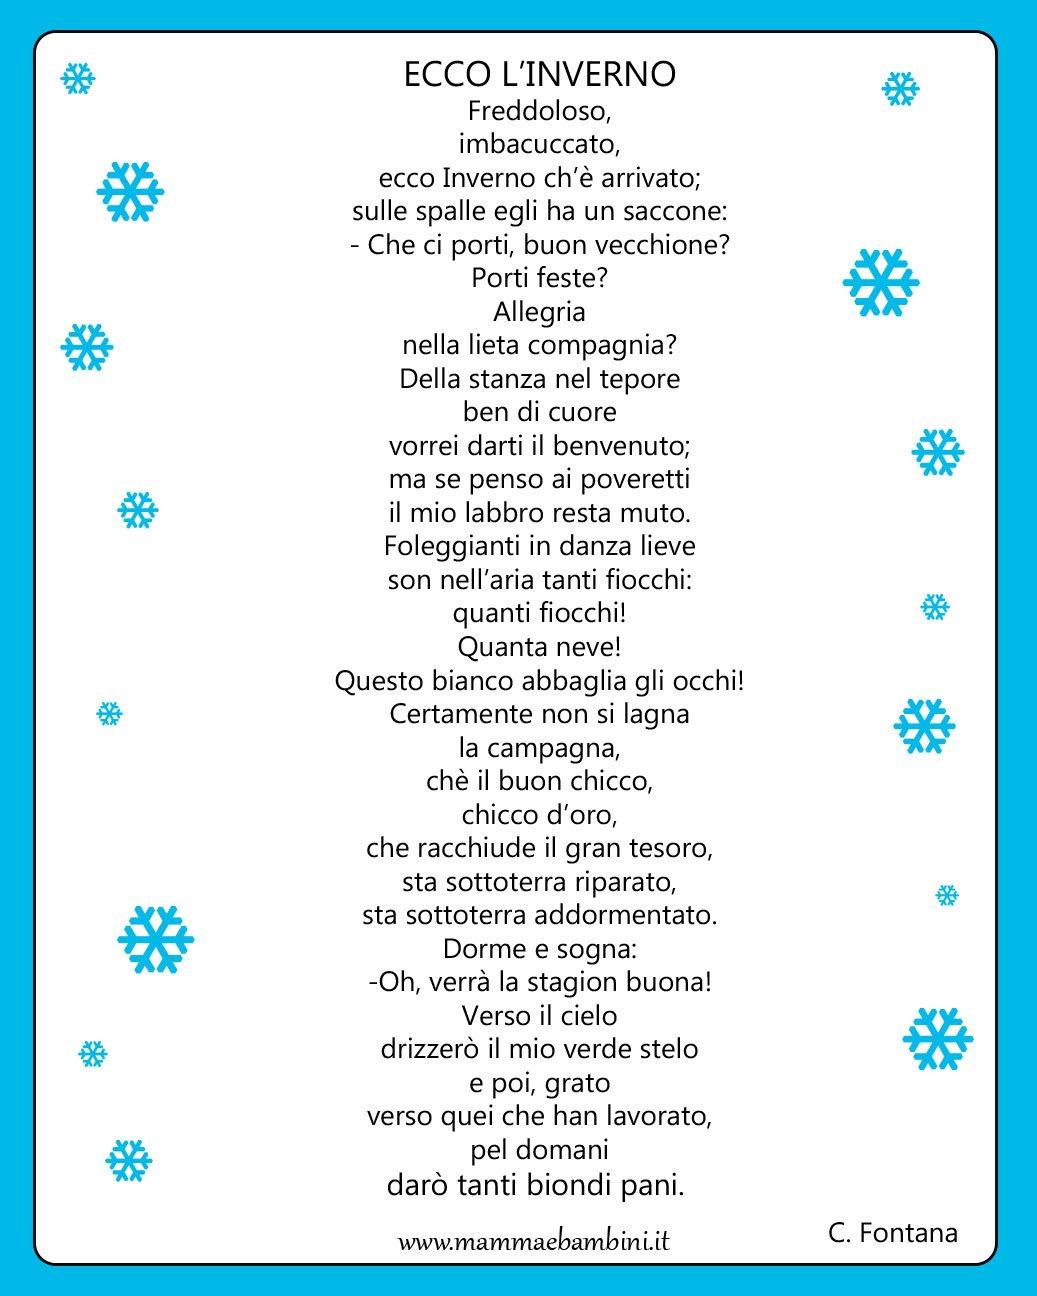 Poesia con cornice: Ecco l'inverno